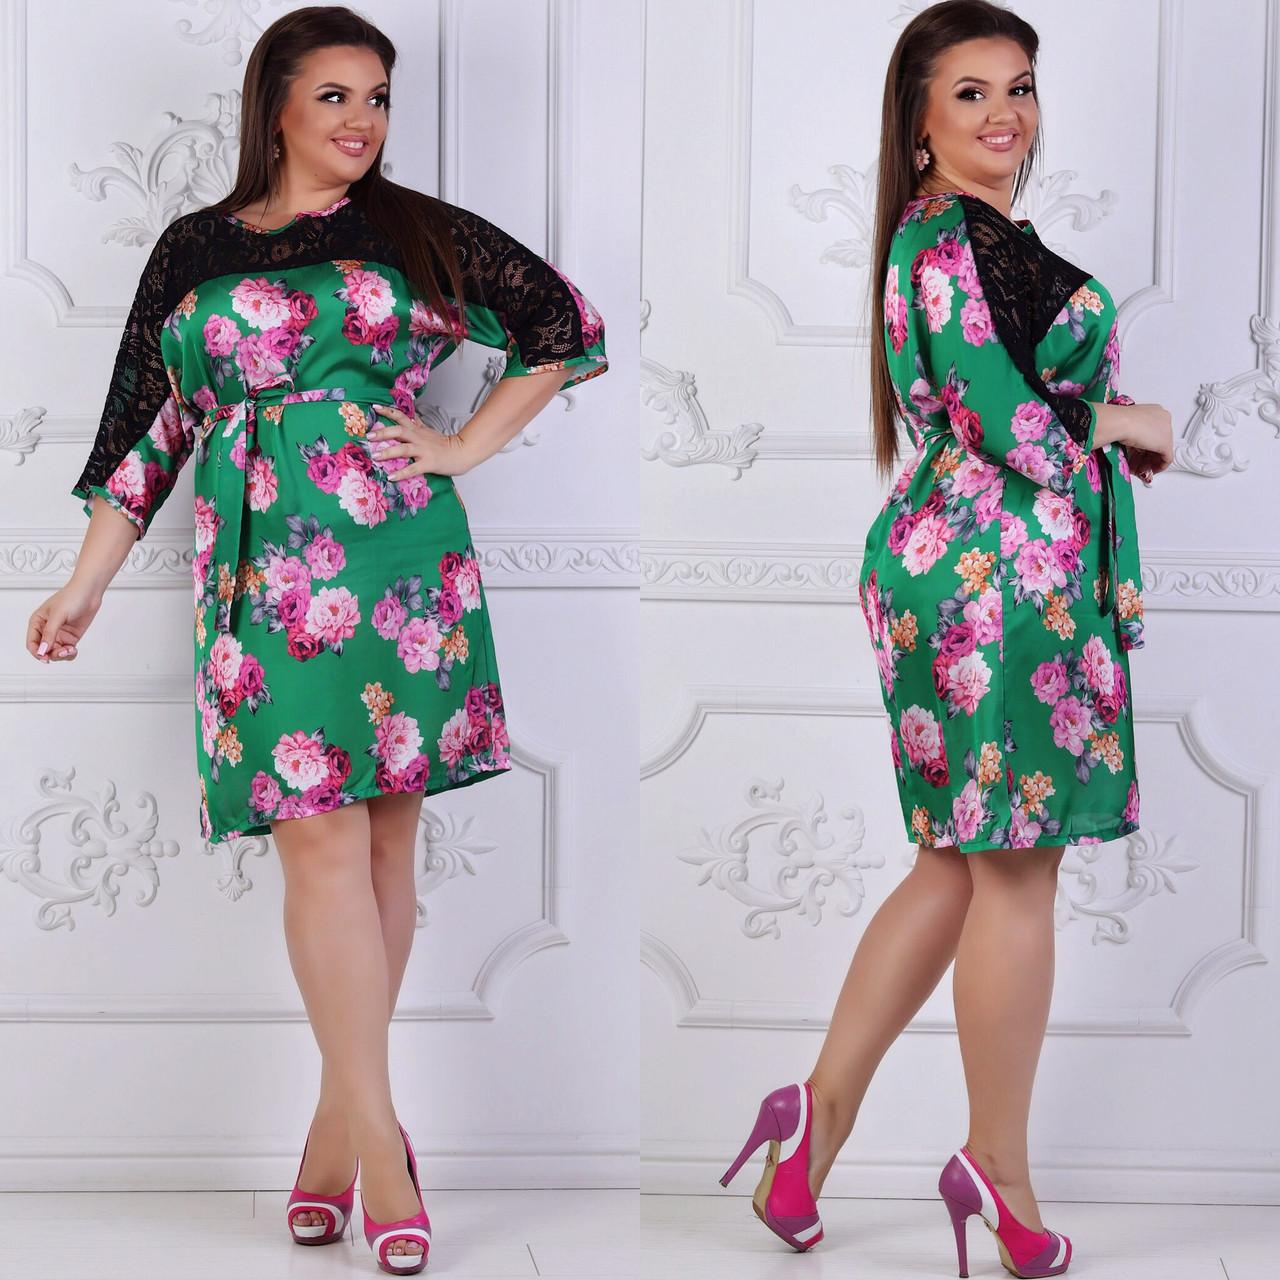 Платье больших размеров 48, 50, 52, 54, 56 с цветочным принтом из легкого атласа с кружевом   арт 239/3-126